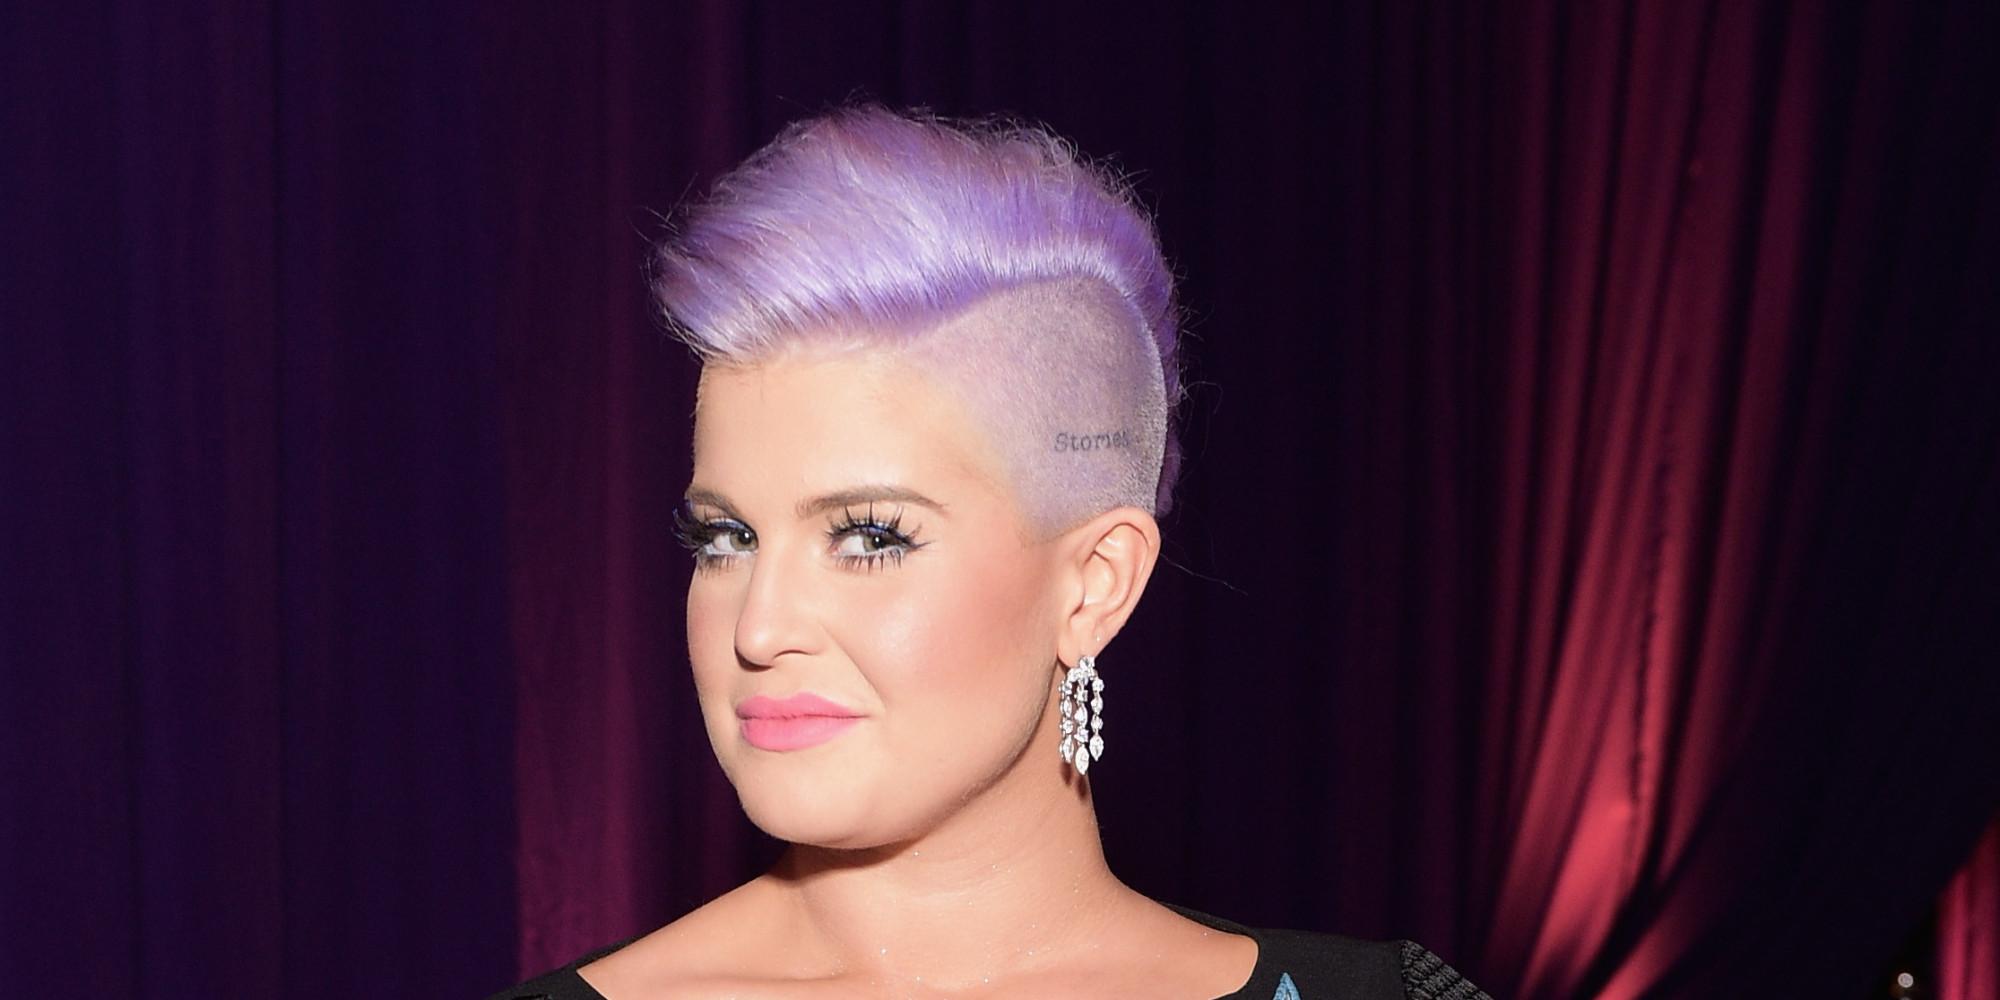 Kelly osbourne earrings on fashion police 33